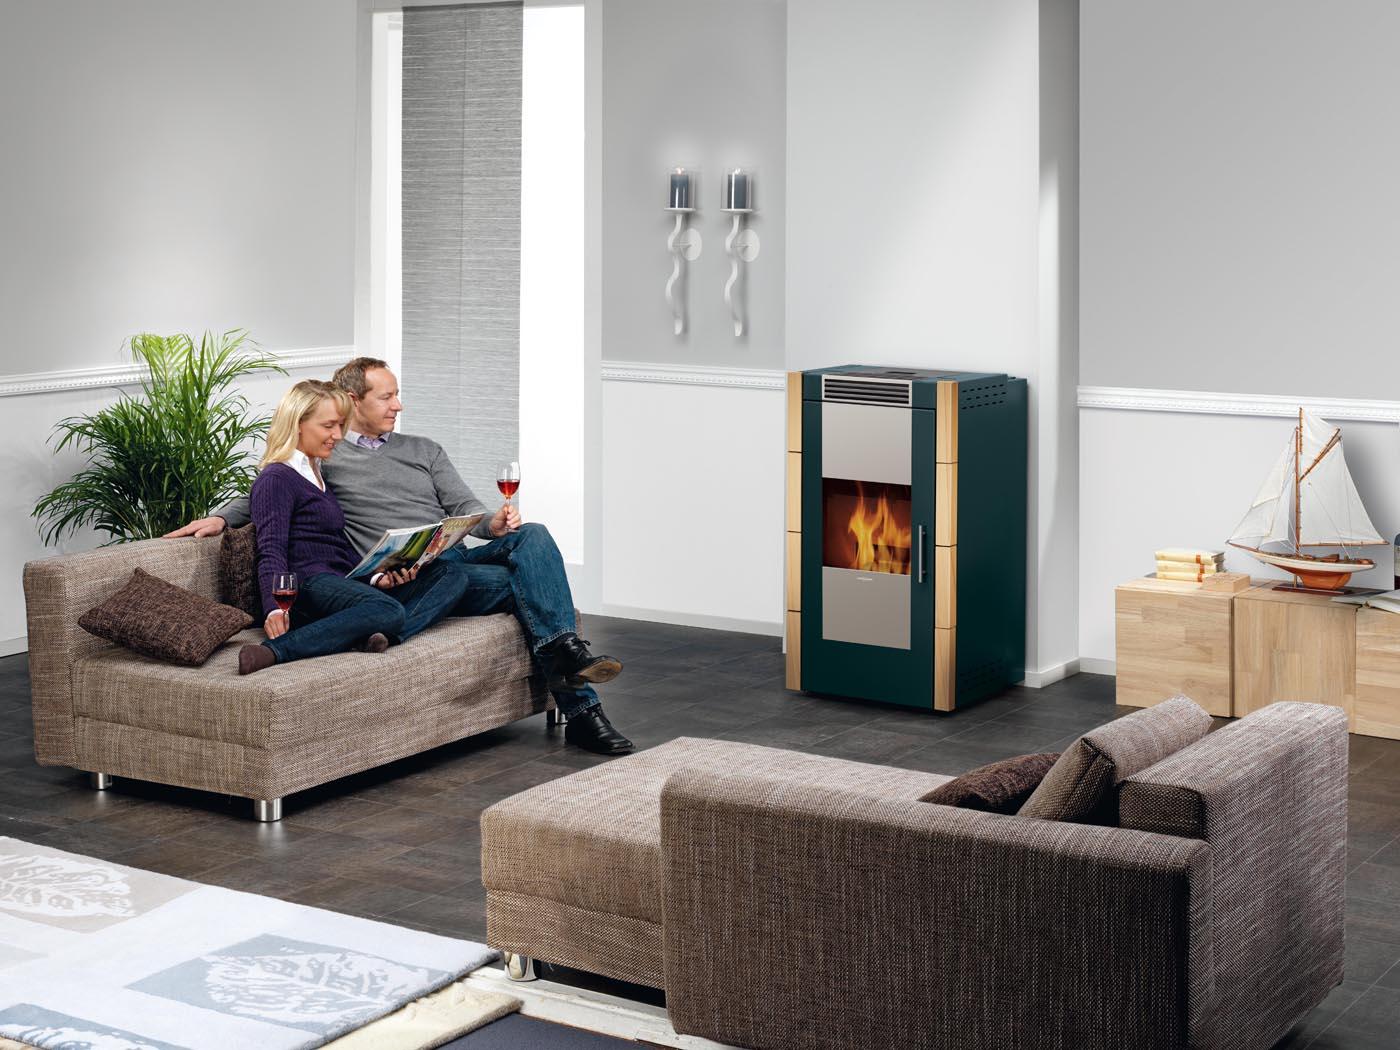 wasserf hrende pellet fen solanus mit wasser warmetauscher kachel kiefer beige oranier. Black Bedroom Furniture Sets. Home Design Ideas